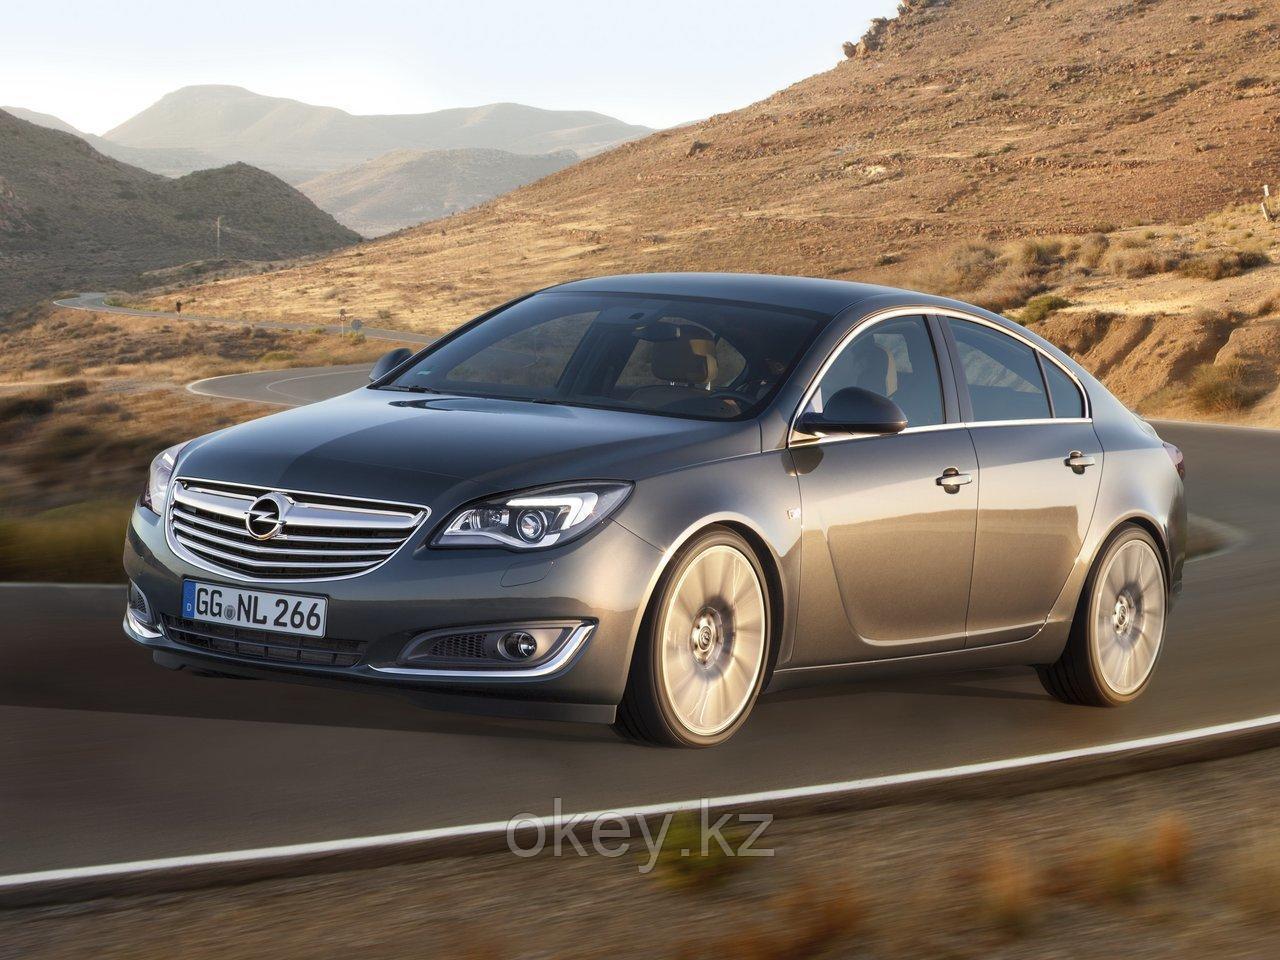 Тормозные колодки Kötl 1782KT для Opel Insignia I хэтчбек 1.6 CDTi, 2015-2017 года выпуска.